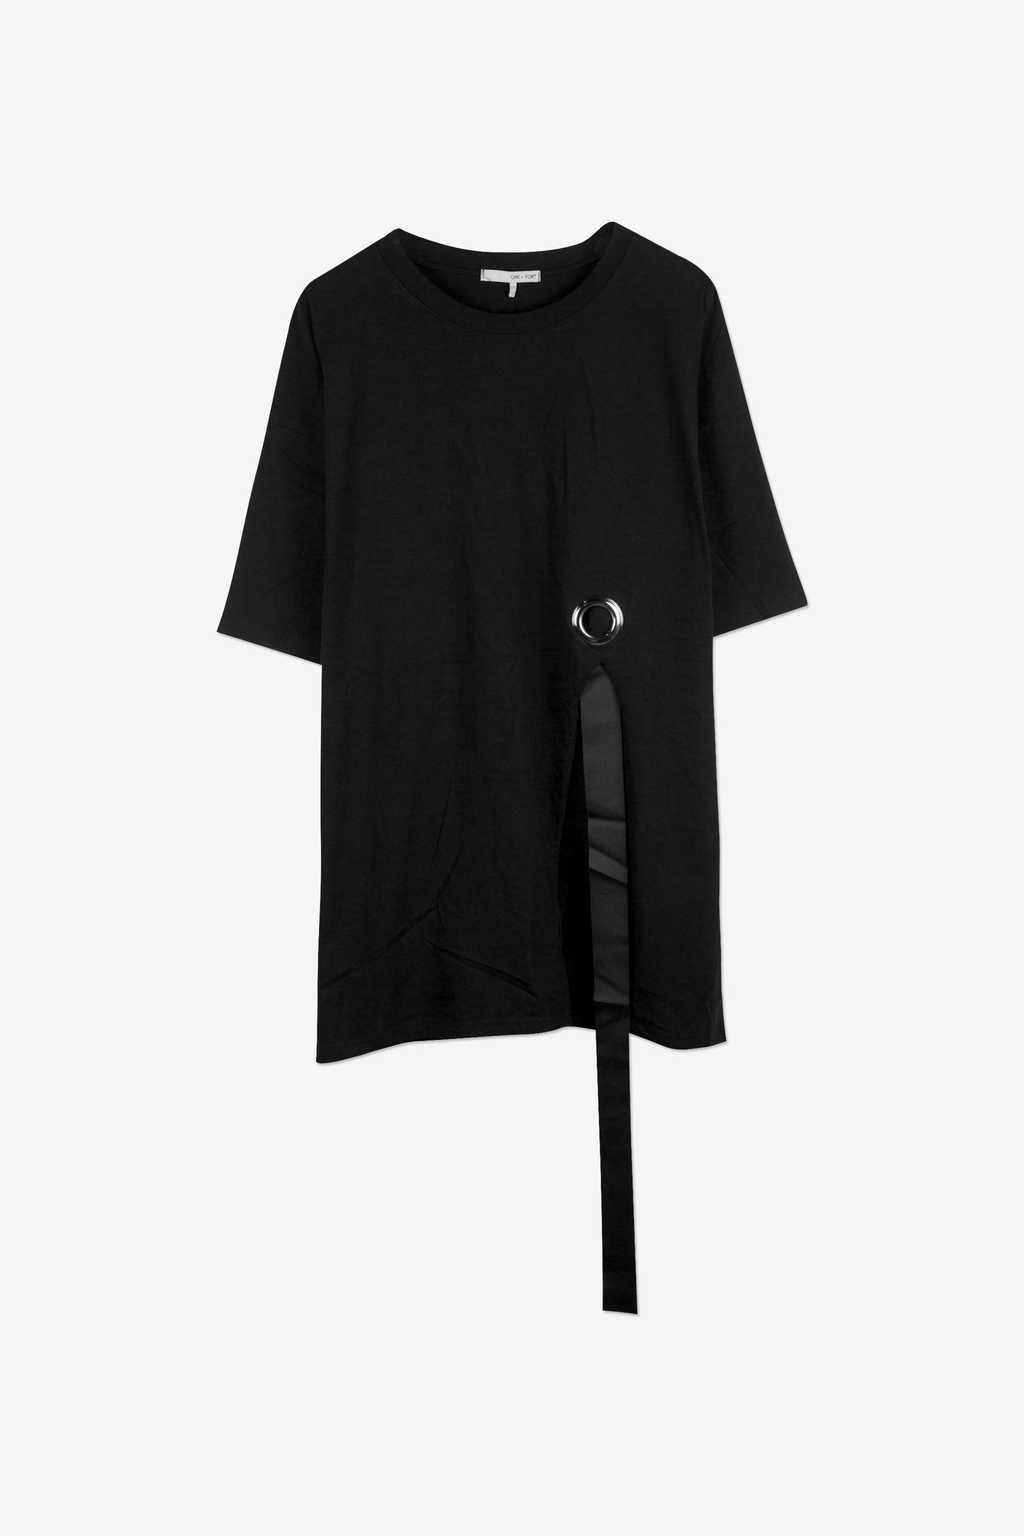 TShirt H291 Black 7